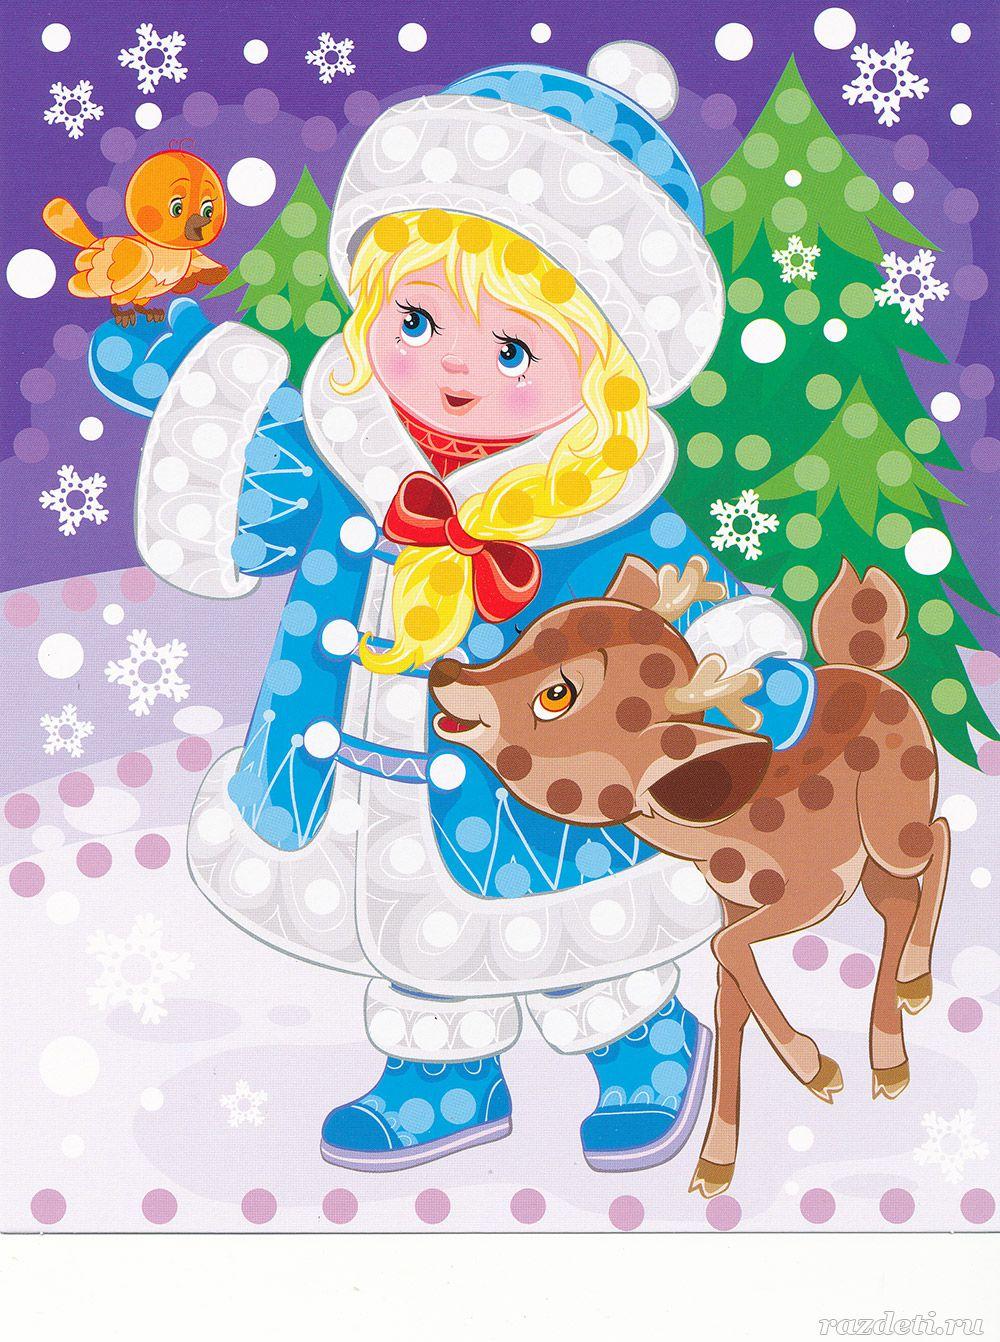 Новогодняя открытка со снегурочкой